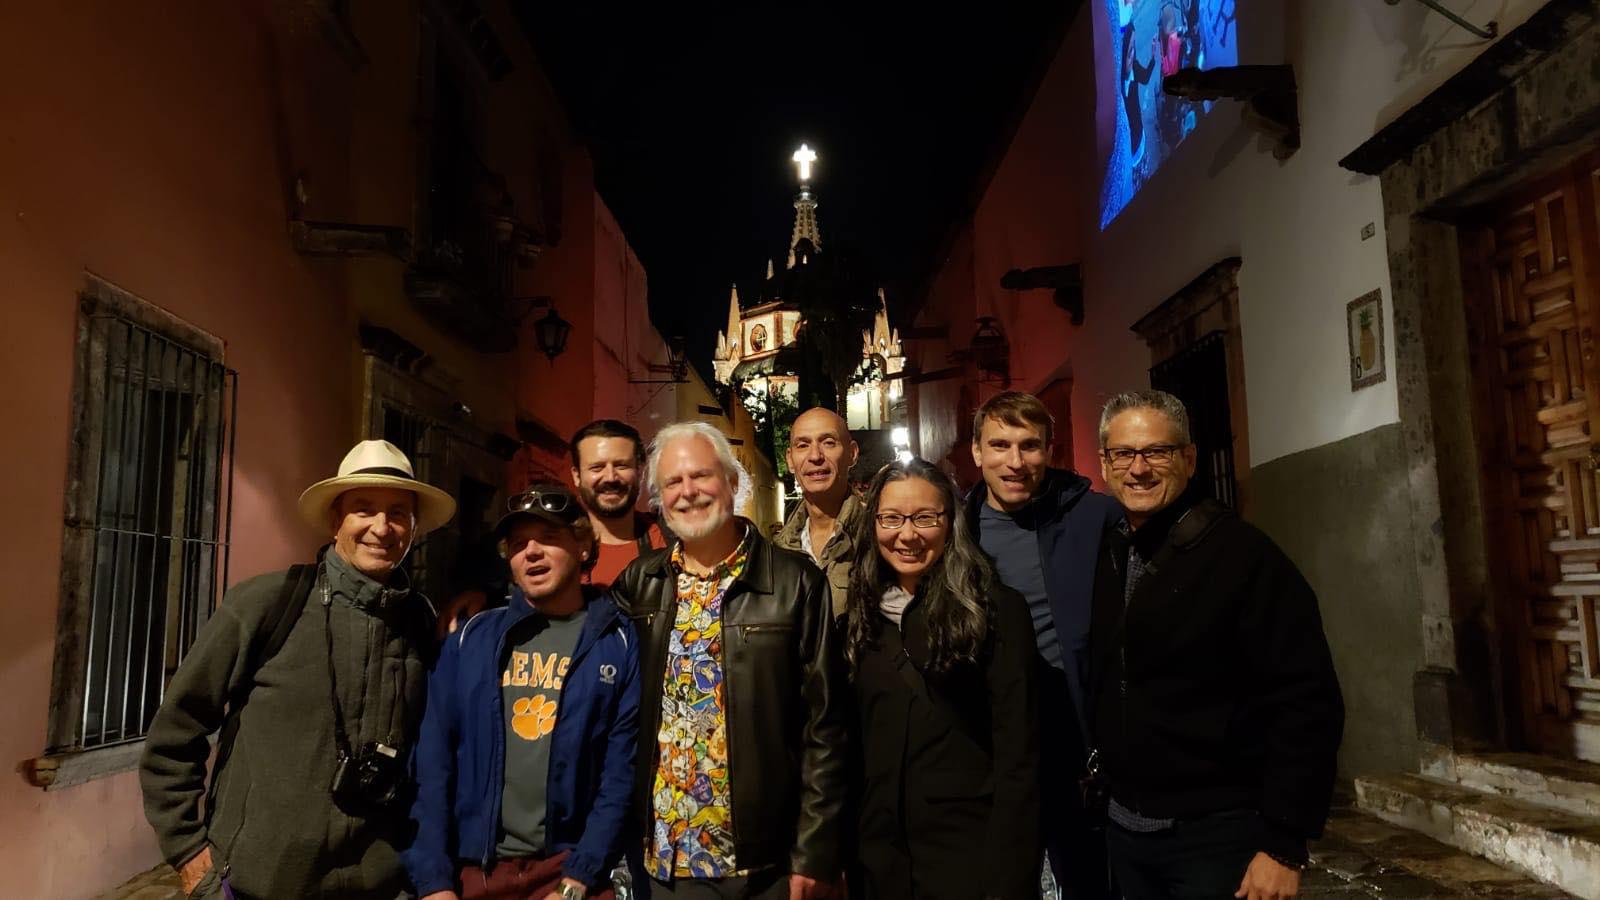 Photo by Liliana from Mexico City